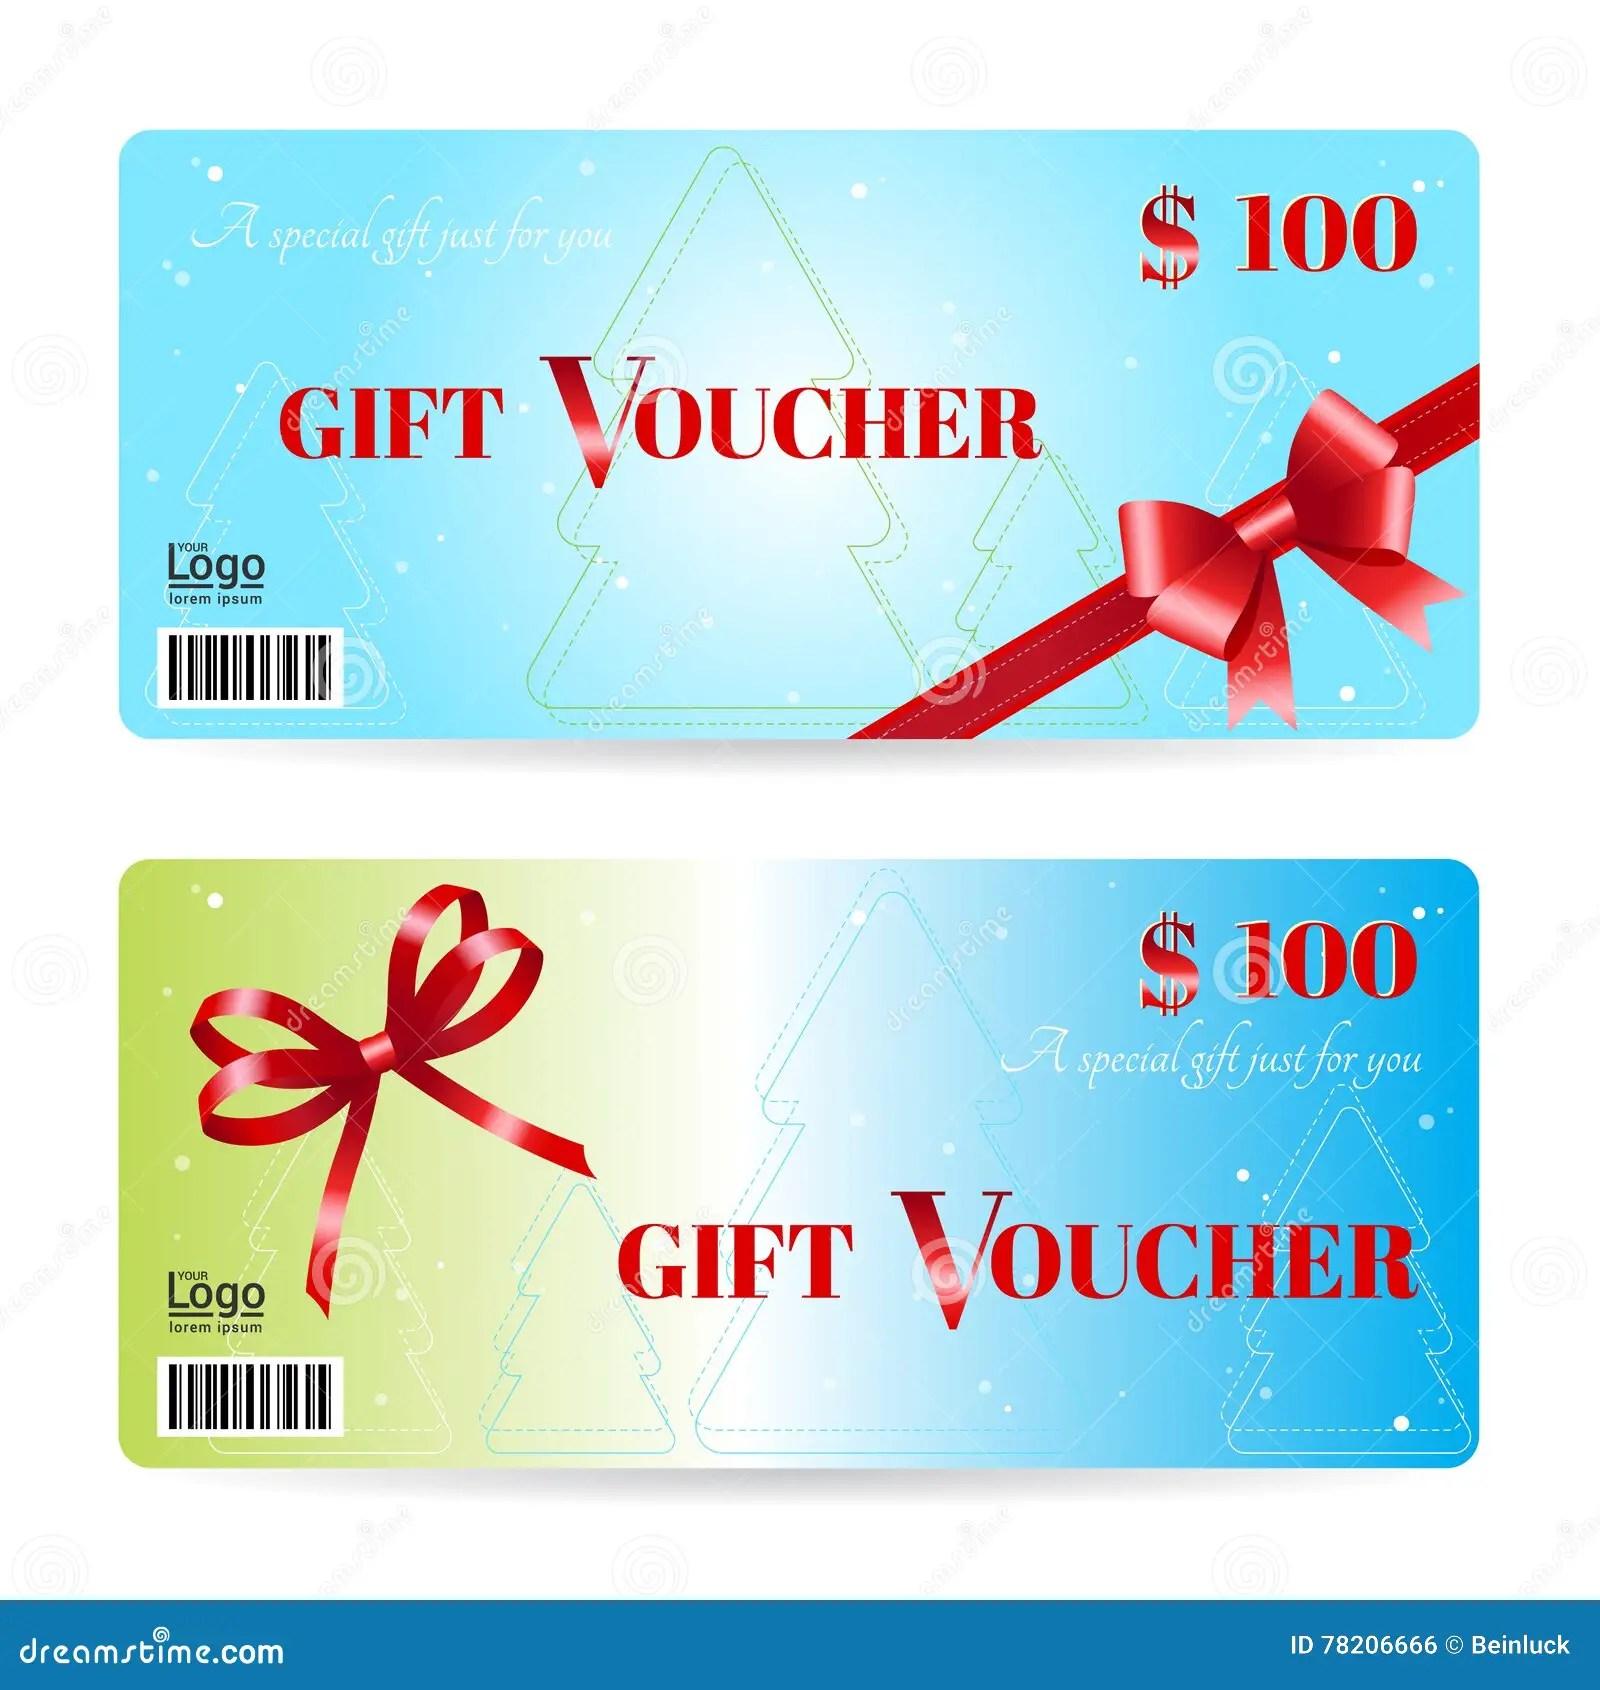 Christmas Gift Voucher Templates elegant christmas gift card or – Christmas Gift Card Template